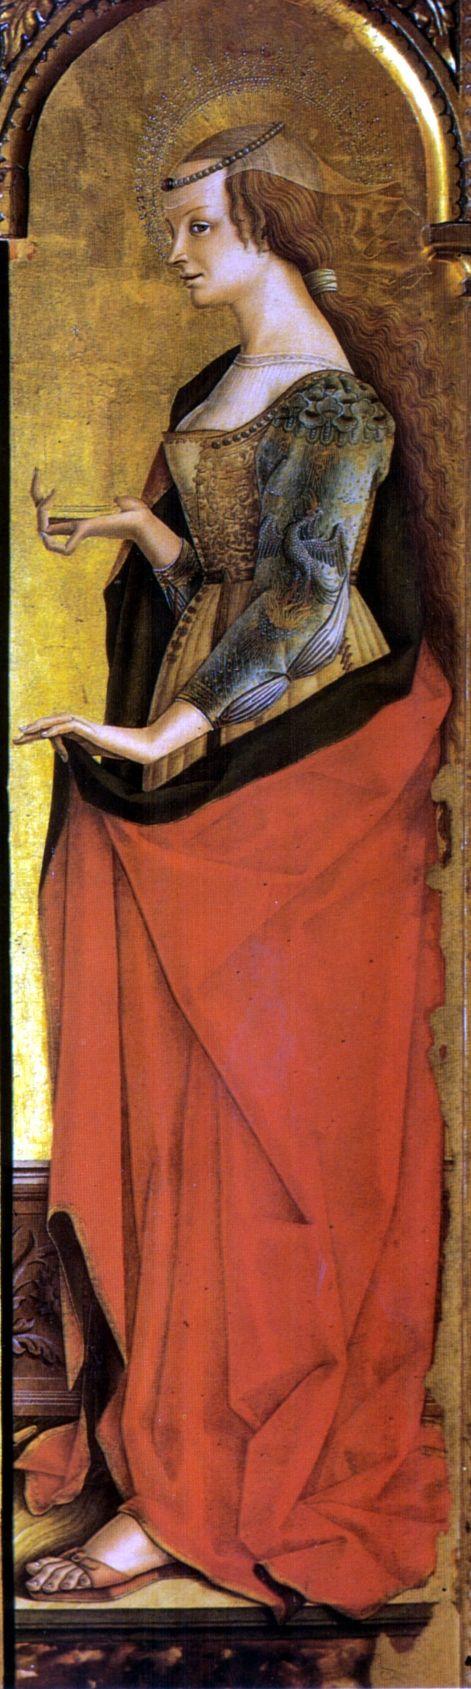 Carlo Crivelli  (1435 – 1495) |  Polittico di Montefiore (dettaglio) - Maria Maddalena. Chiesa di Santa Lucia, Montefiore dell'Aso.